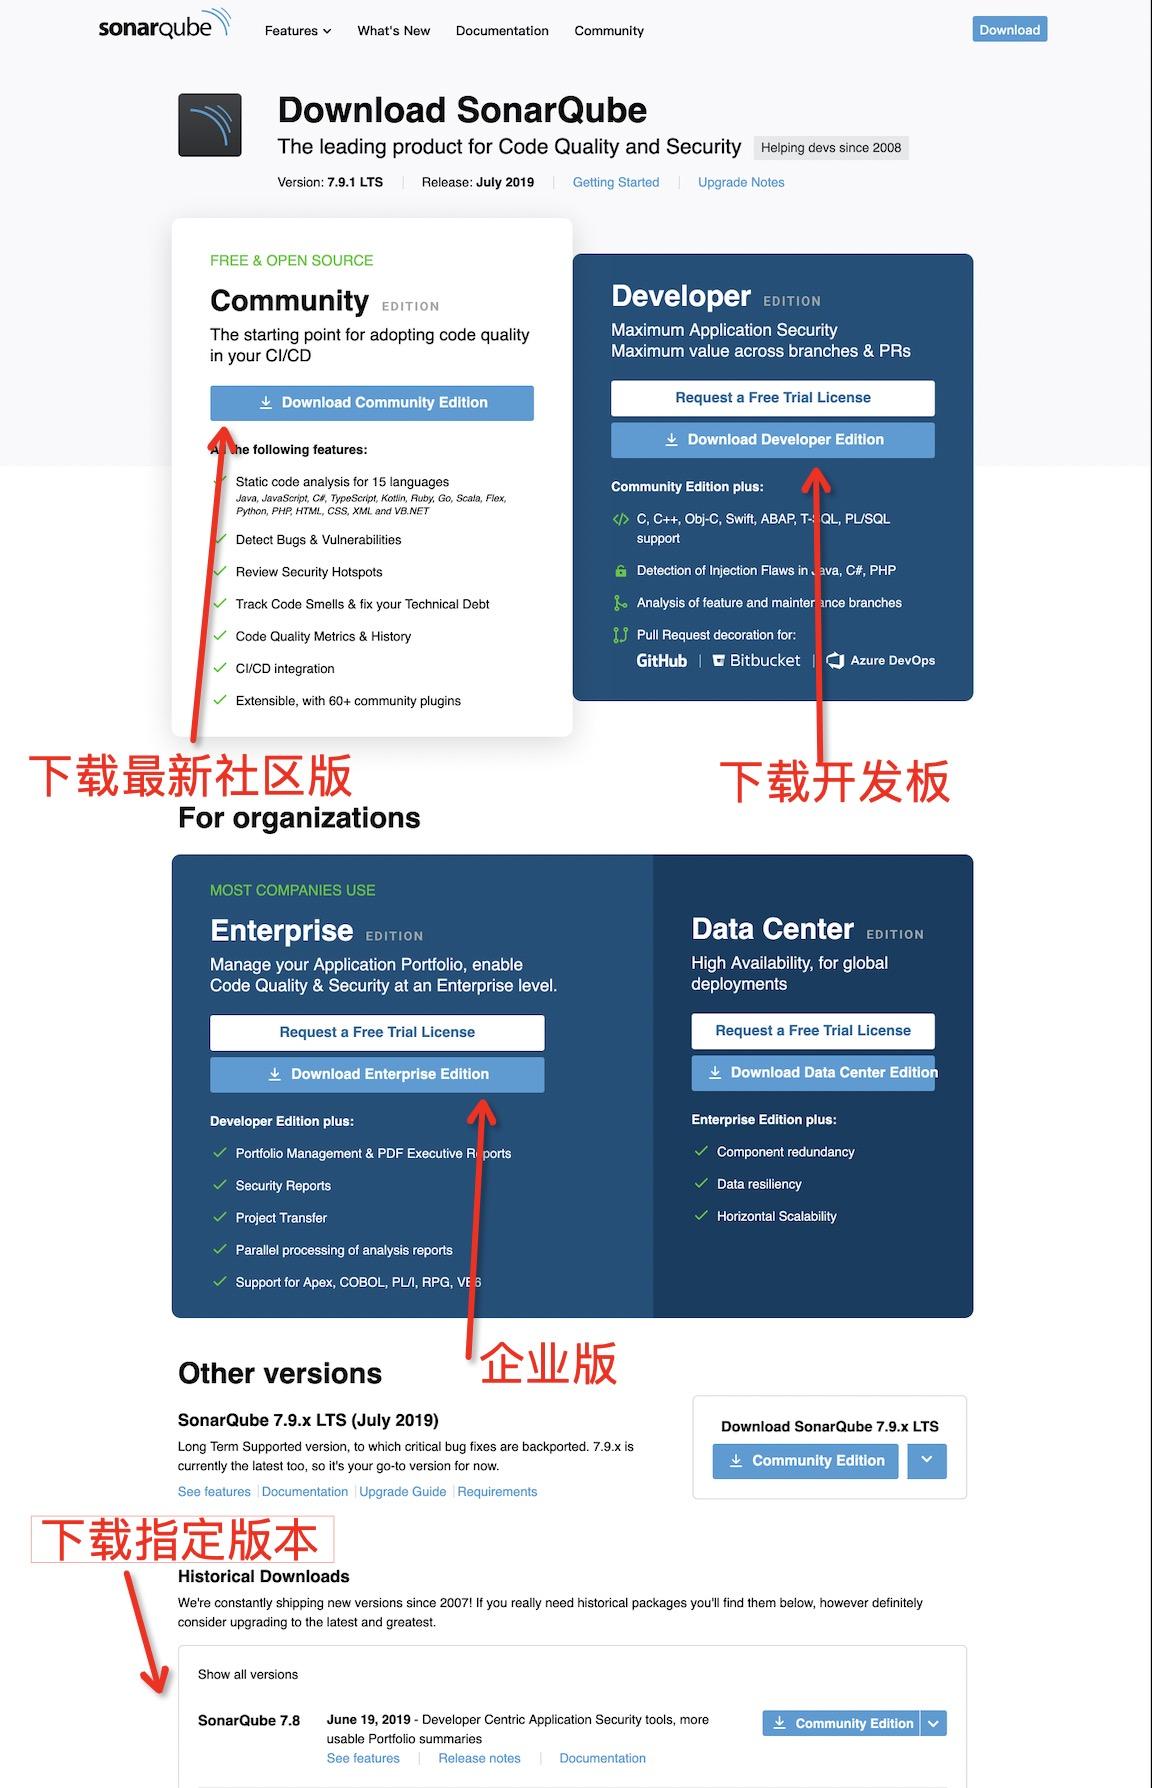 Sonar官方网站